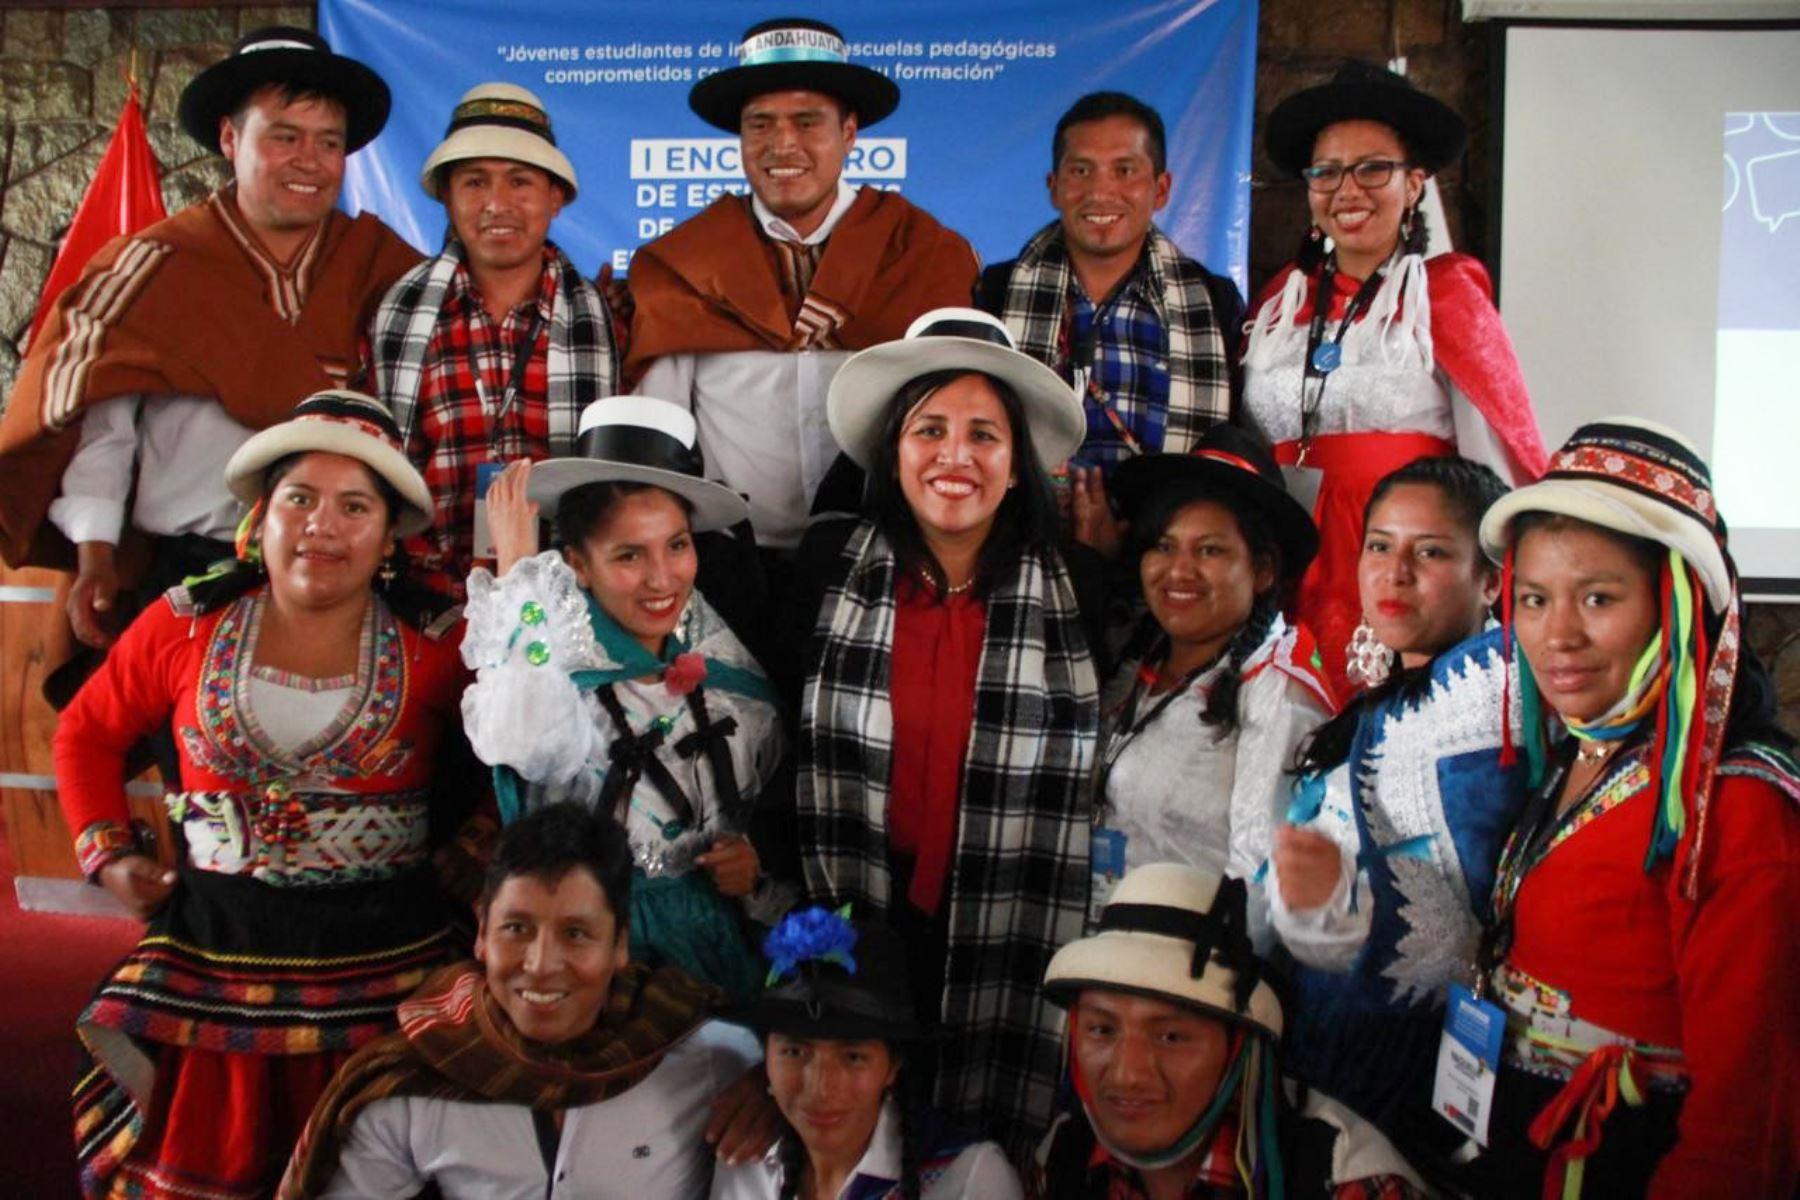 Ministra de Educación, Flor Pablo, participó en el primer encuentro de estudiantes de los institutos pedagógicos públicos.